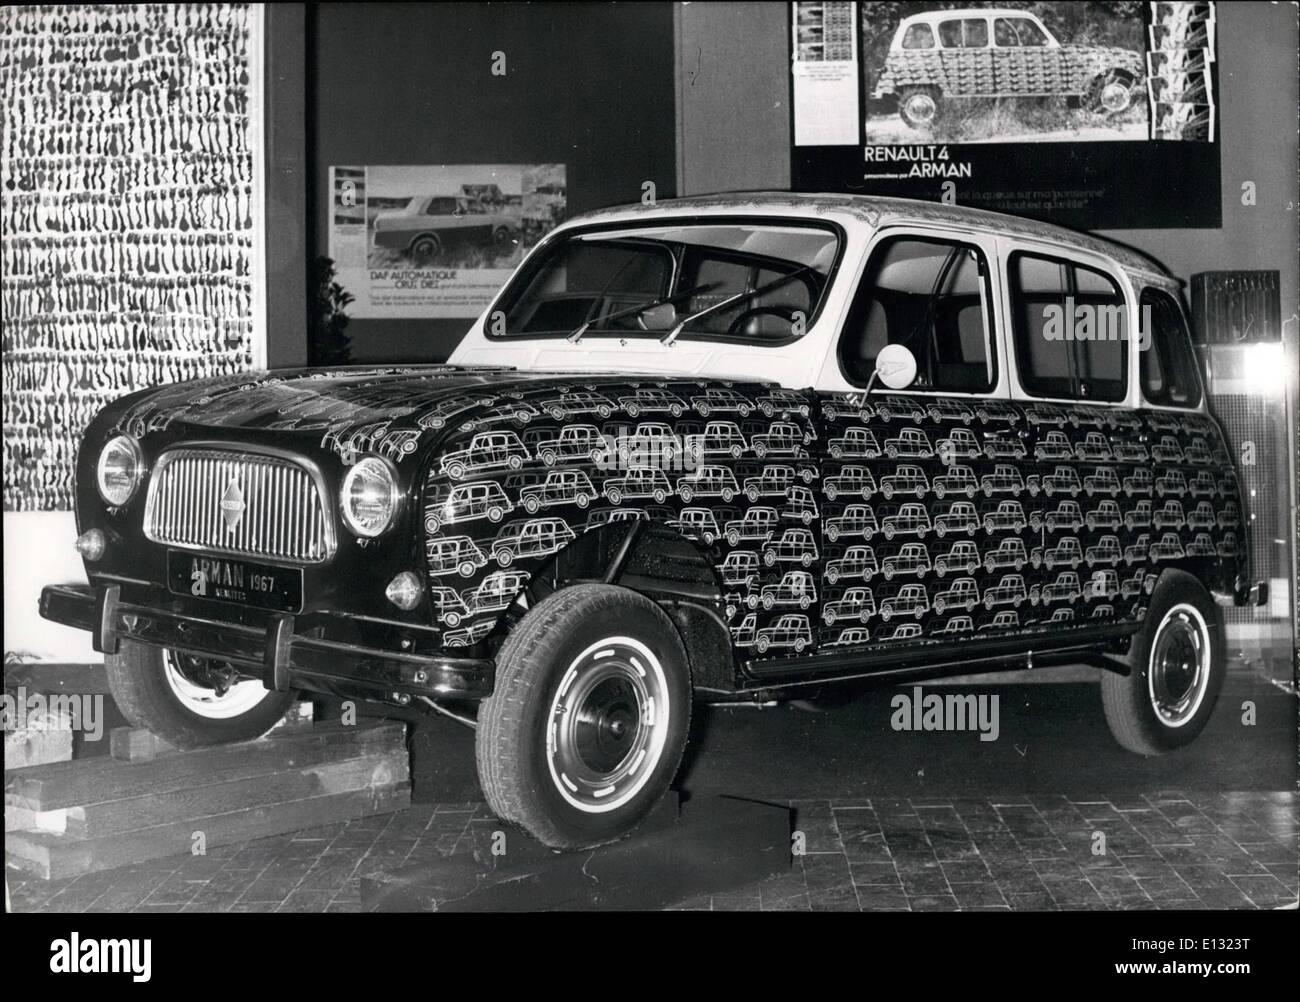 Febrero 26, 2012 - coches personalizados en París la venta en beneficio de la investigación-decoradas por famosos artistas.foto muestra un Renaulth decorado por Arman. Imagen De Stock